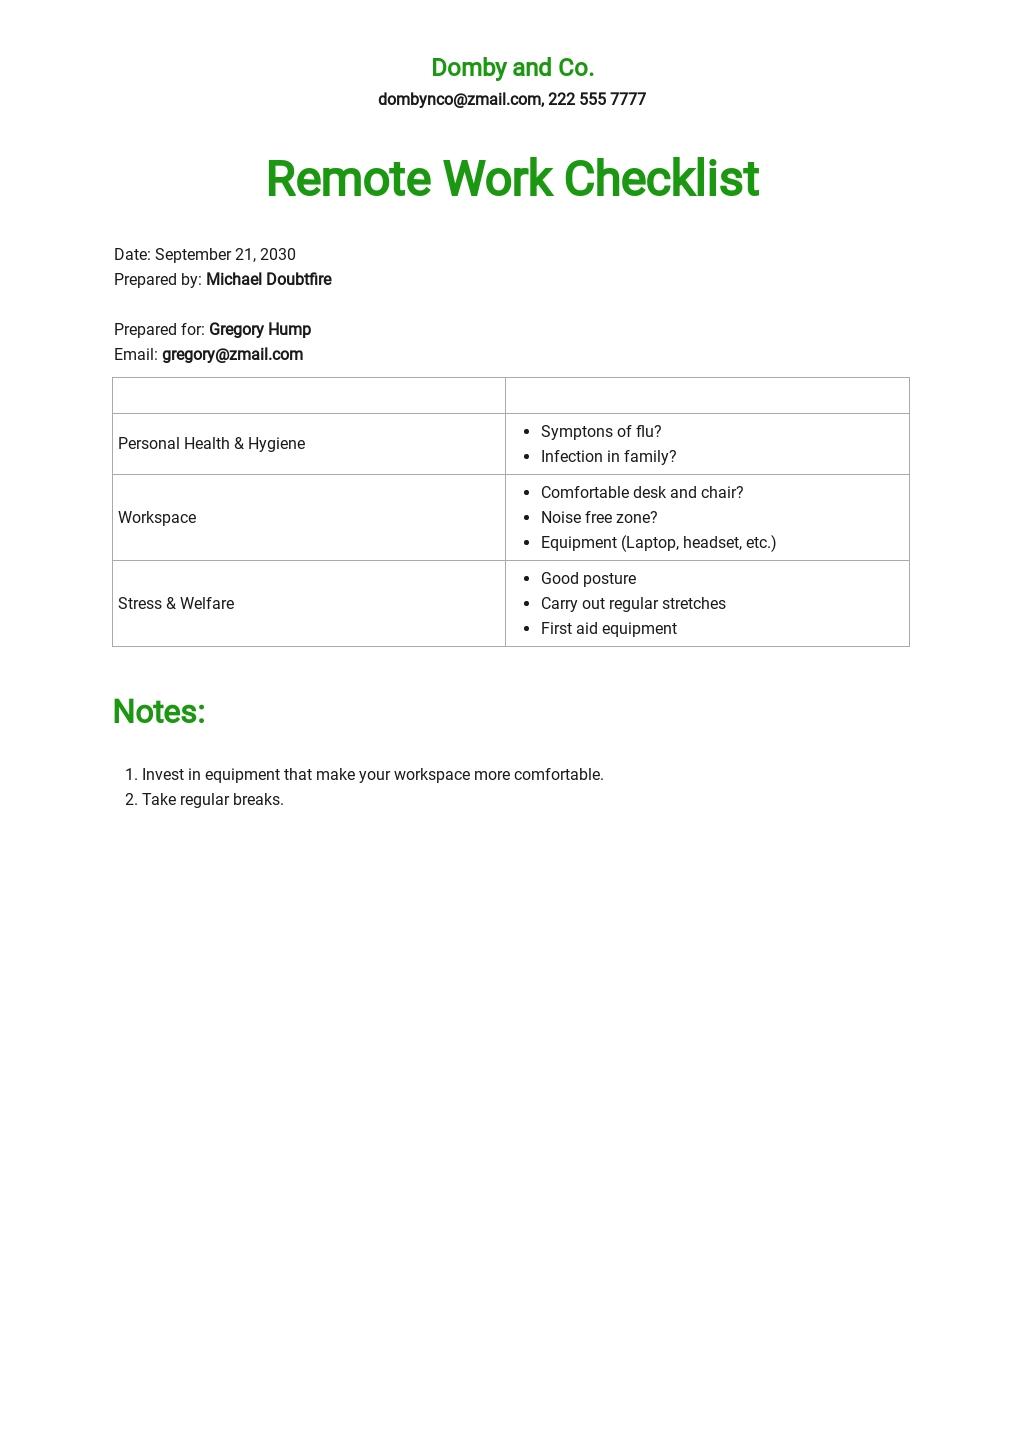 Remote Work Checklist Template